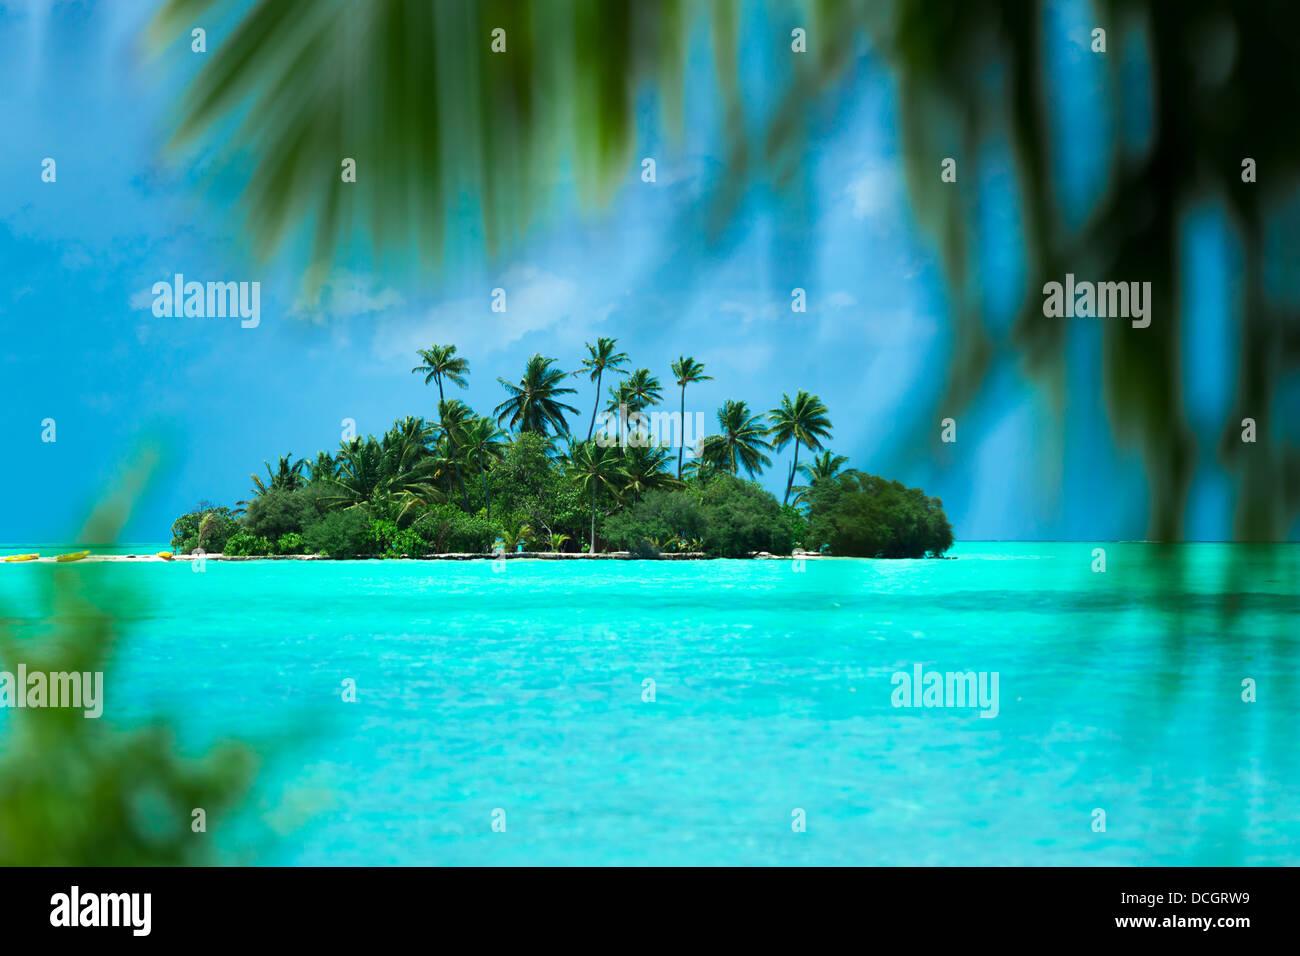 Île tropicale dans l'océan Photo Stock